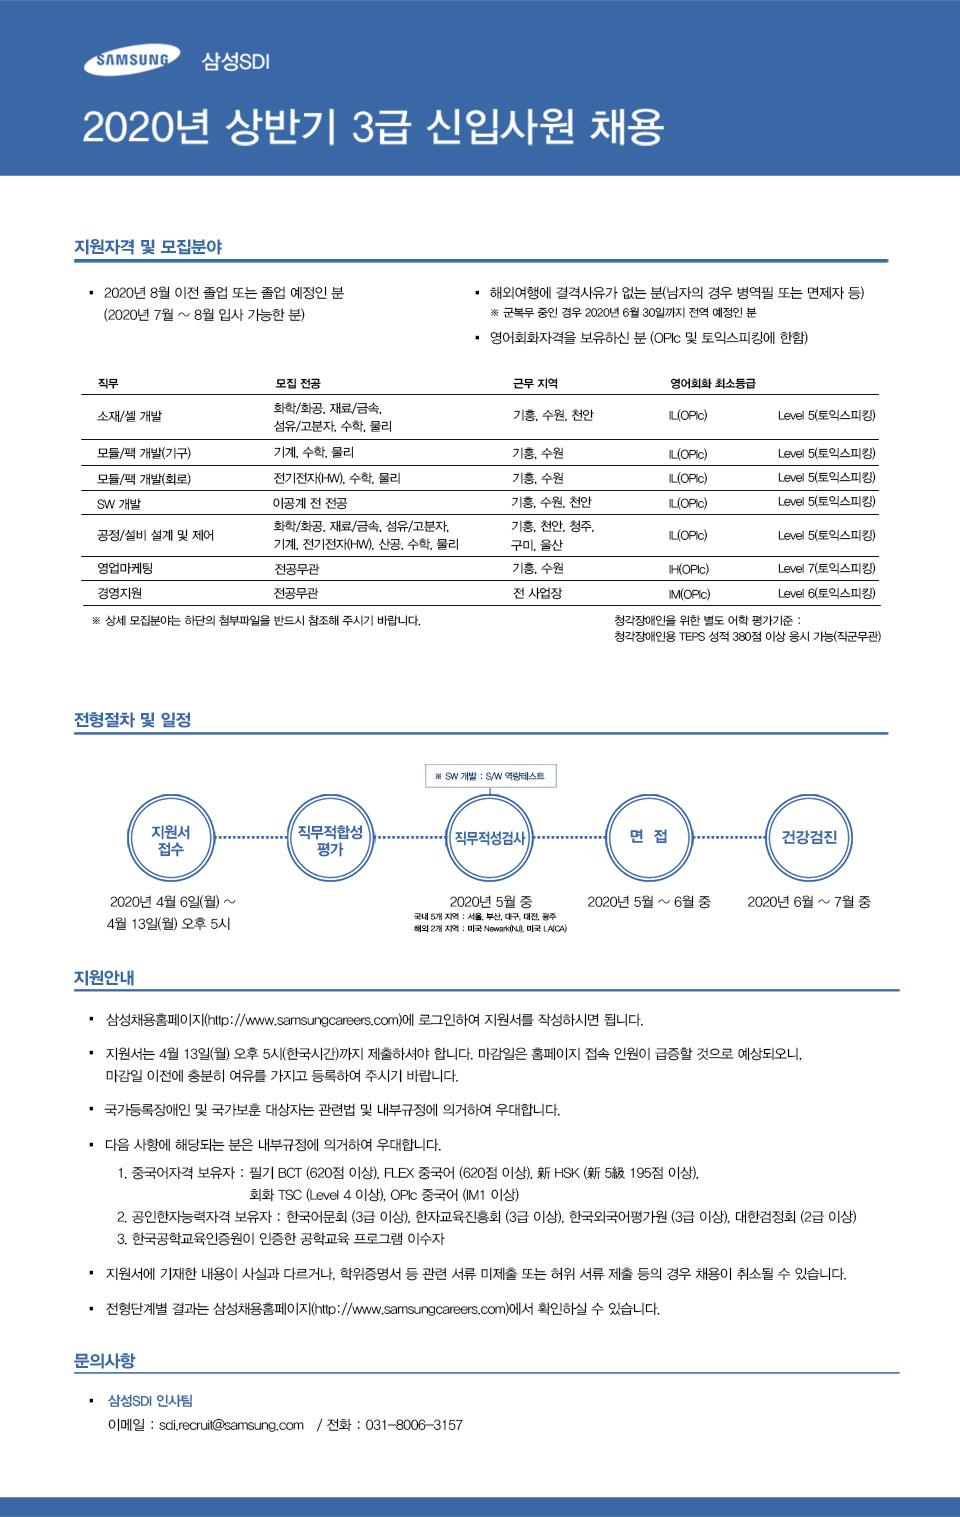 삼성SDI 2020년 상반기 3급 신입사원 채용.jpg